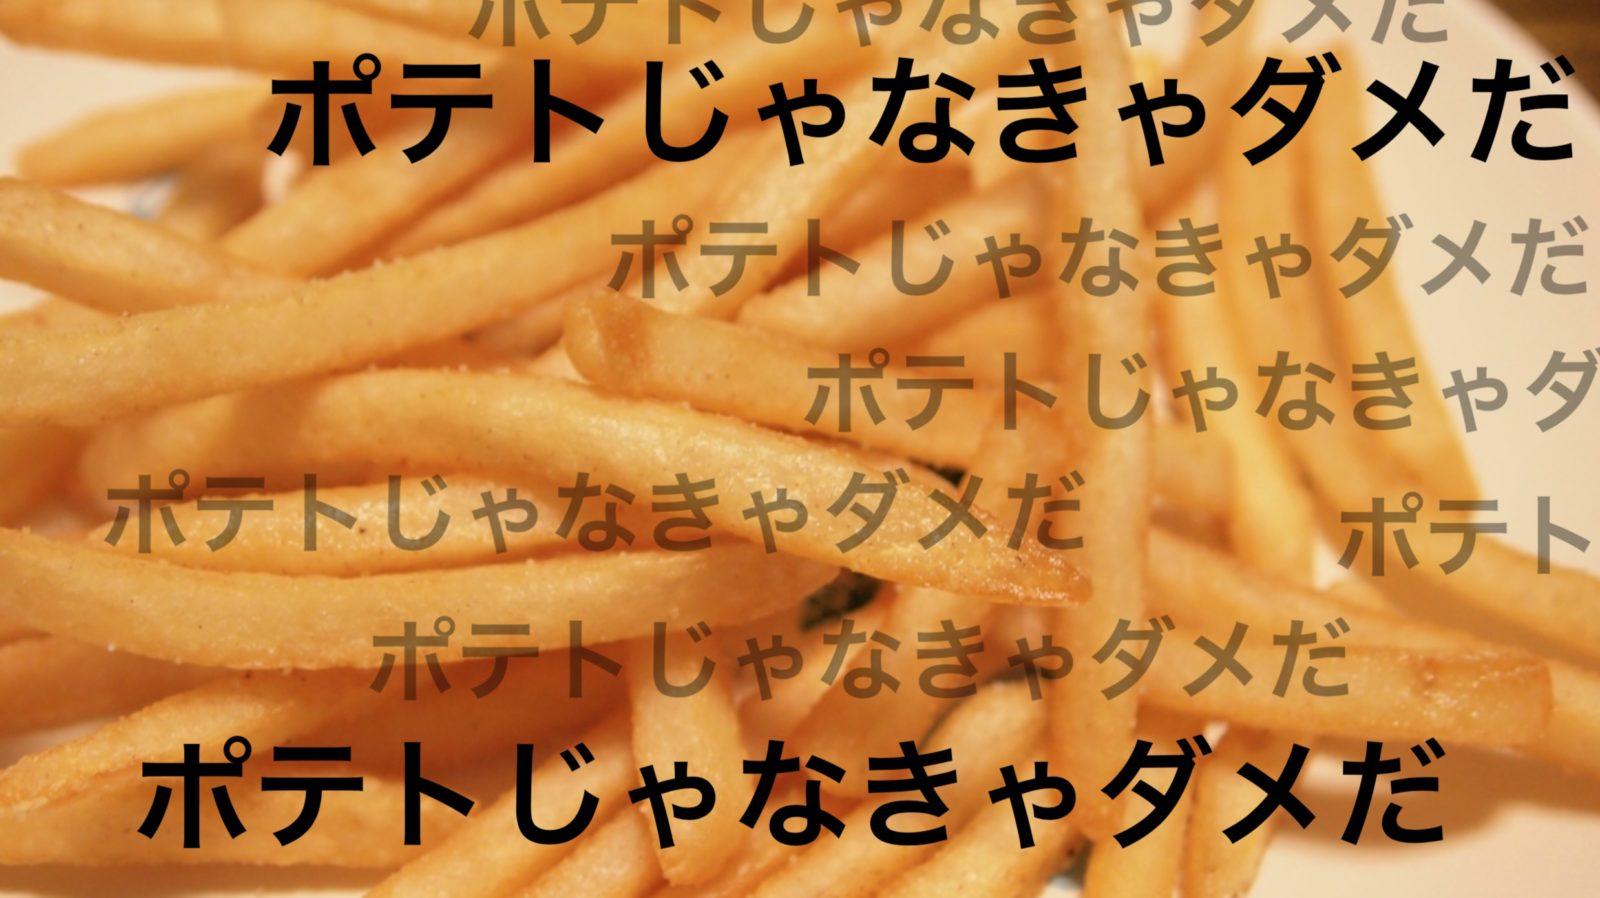 松本さんのポテト